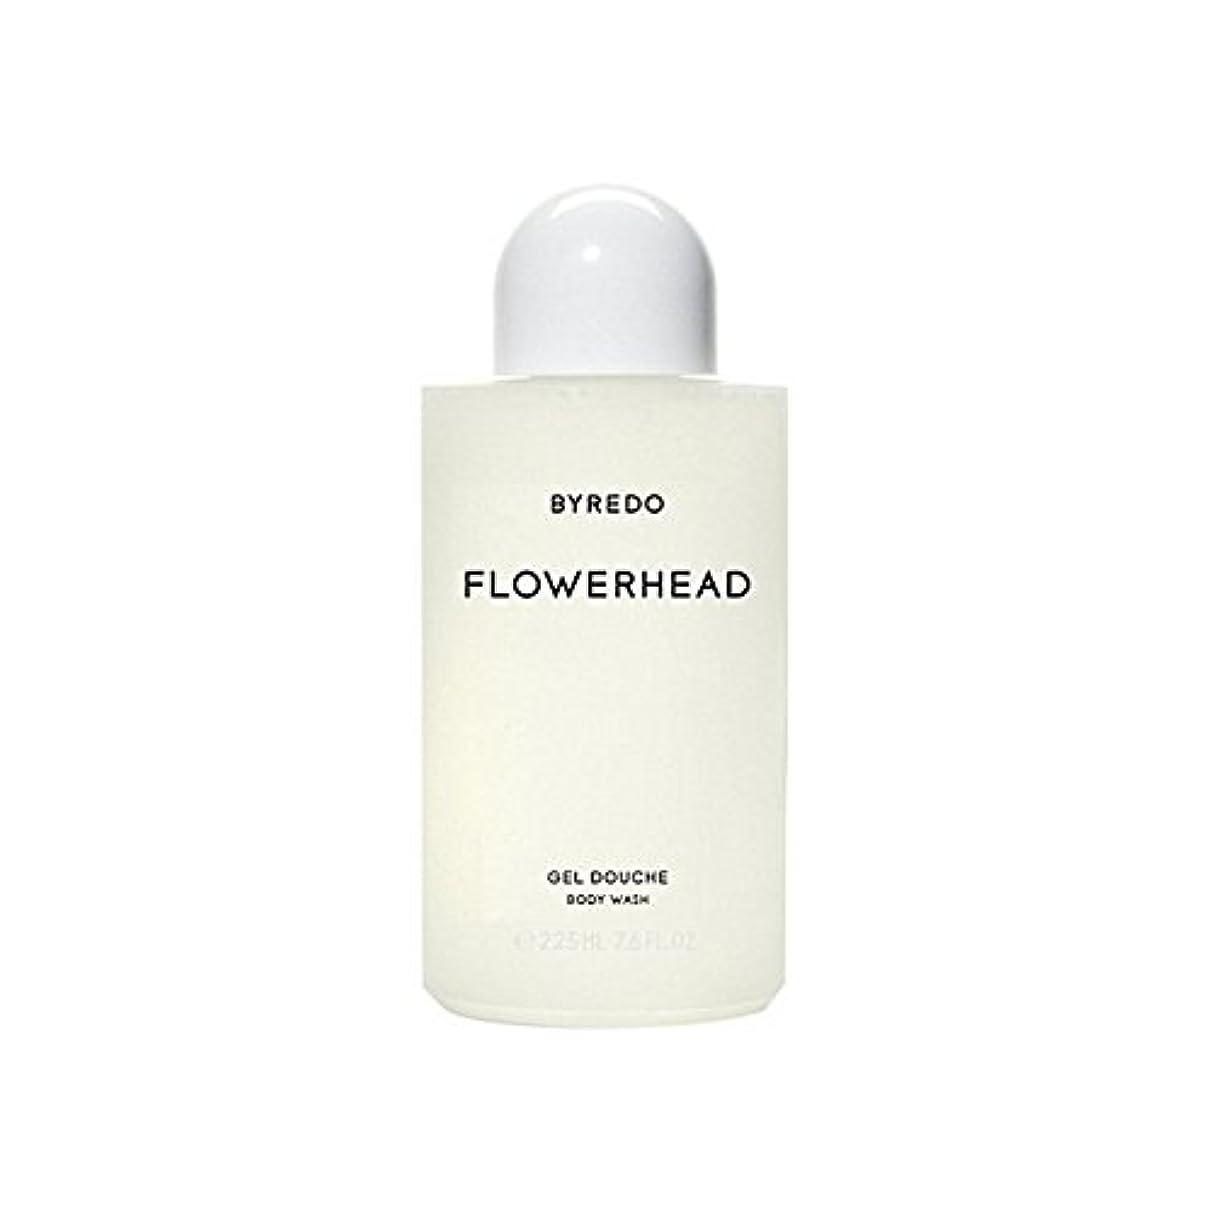 晩ごはん上下する対人Byredo Flowerhead Body Wash 225ml - ボディウォッシュ225ミリリットル [並行輸入品]